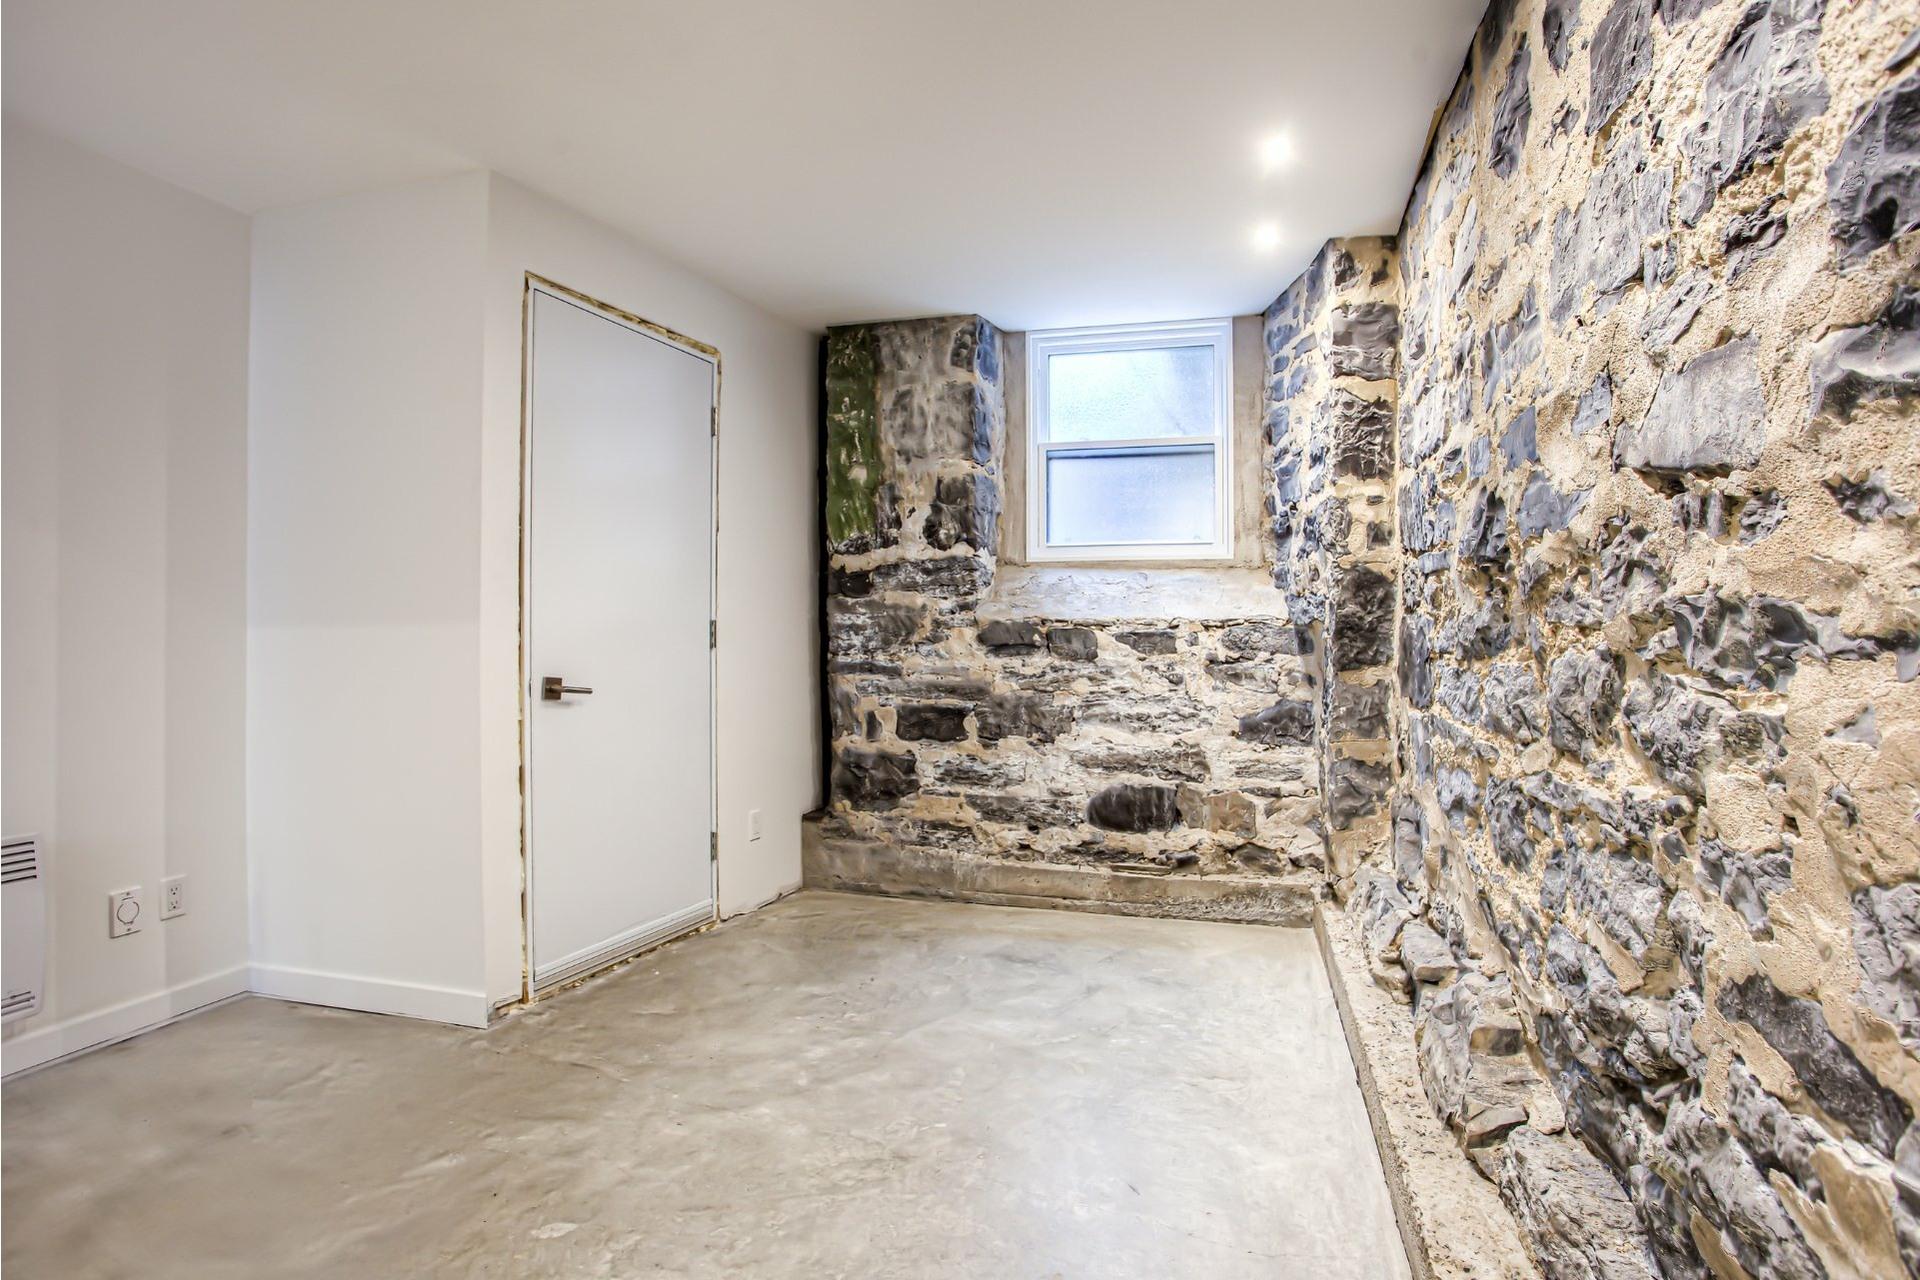 image 23 - Duplex À vendre Mercier/Hochelaga-Maisonneuve Montréal  - 4 pièces